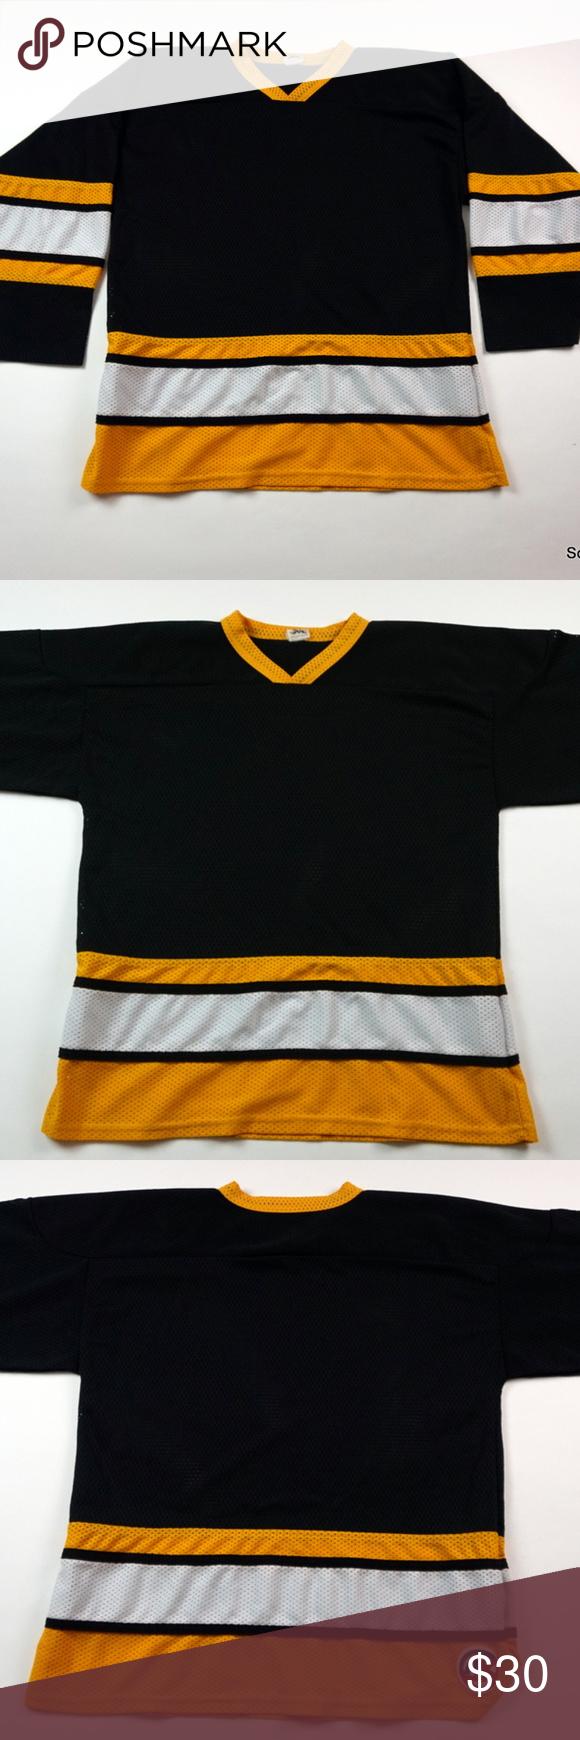 842b63f7f VTG Mens Boston Bruins Blank Hockey Jersey Large VTG Mens Boston Bruins  Blank Athletic Knit NHL